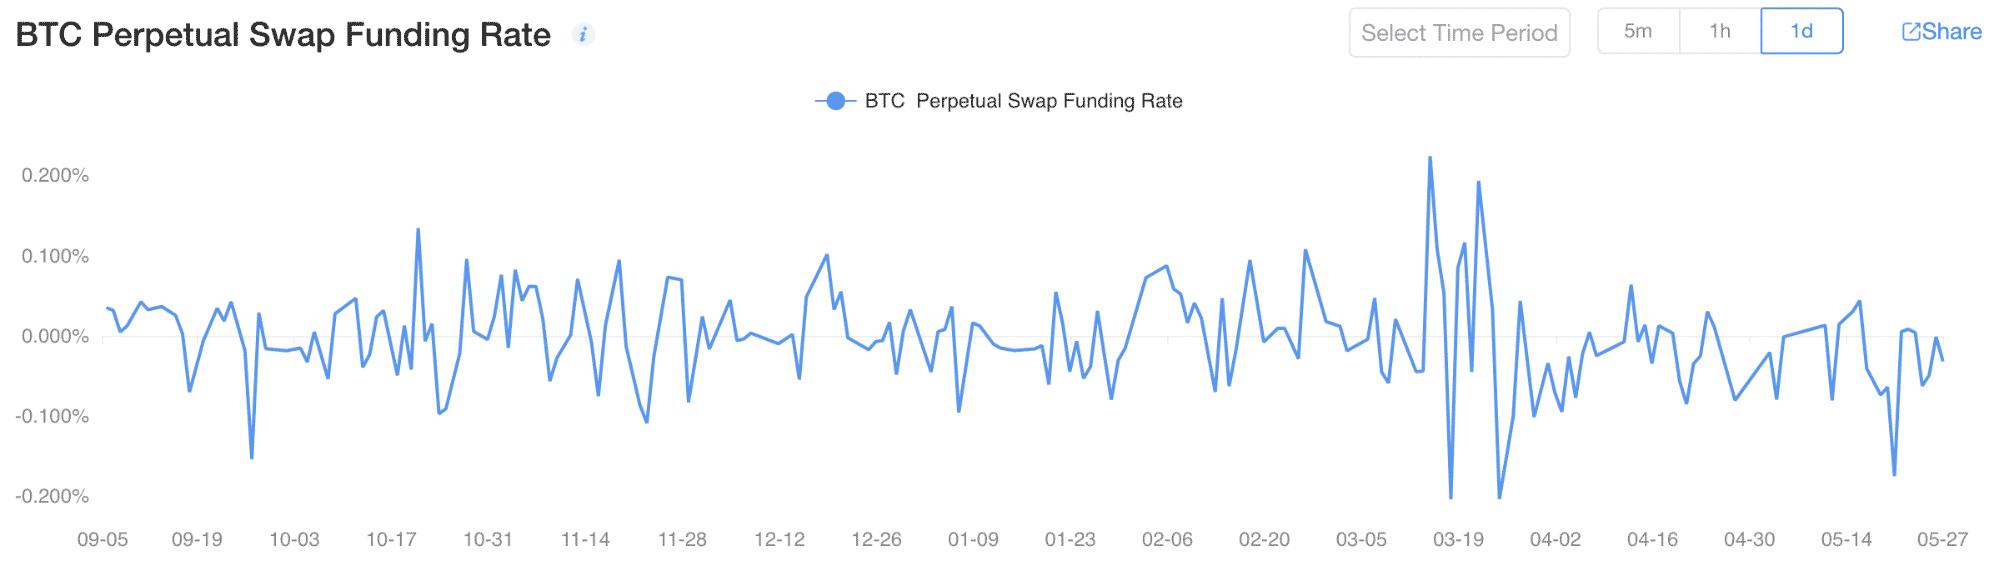 BTC Perpetual Swap